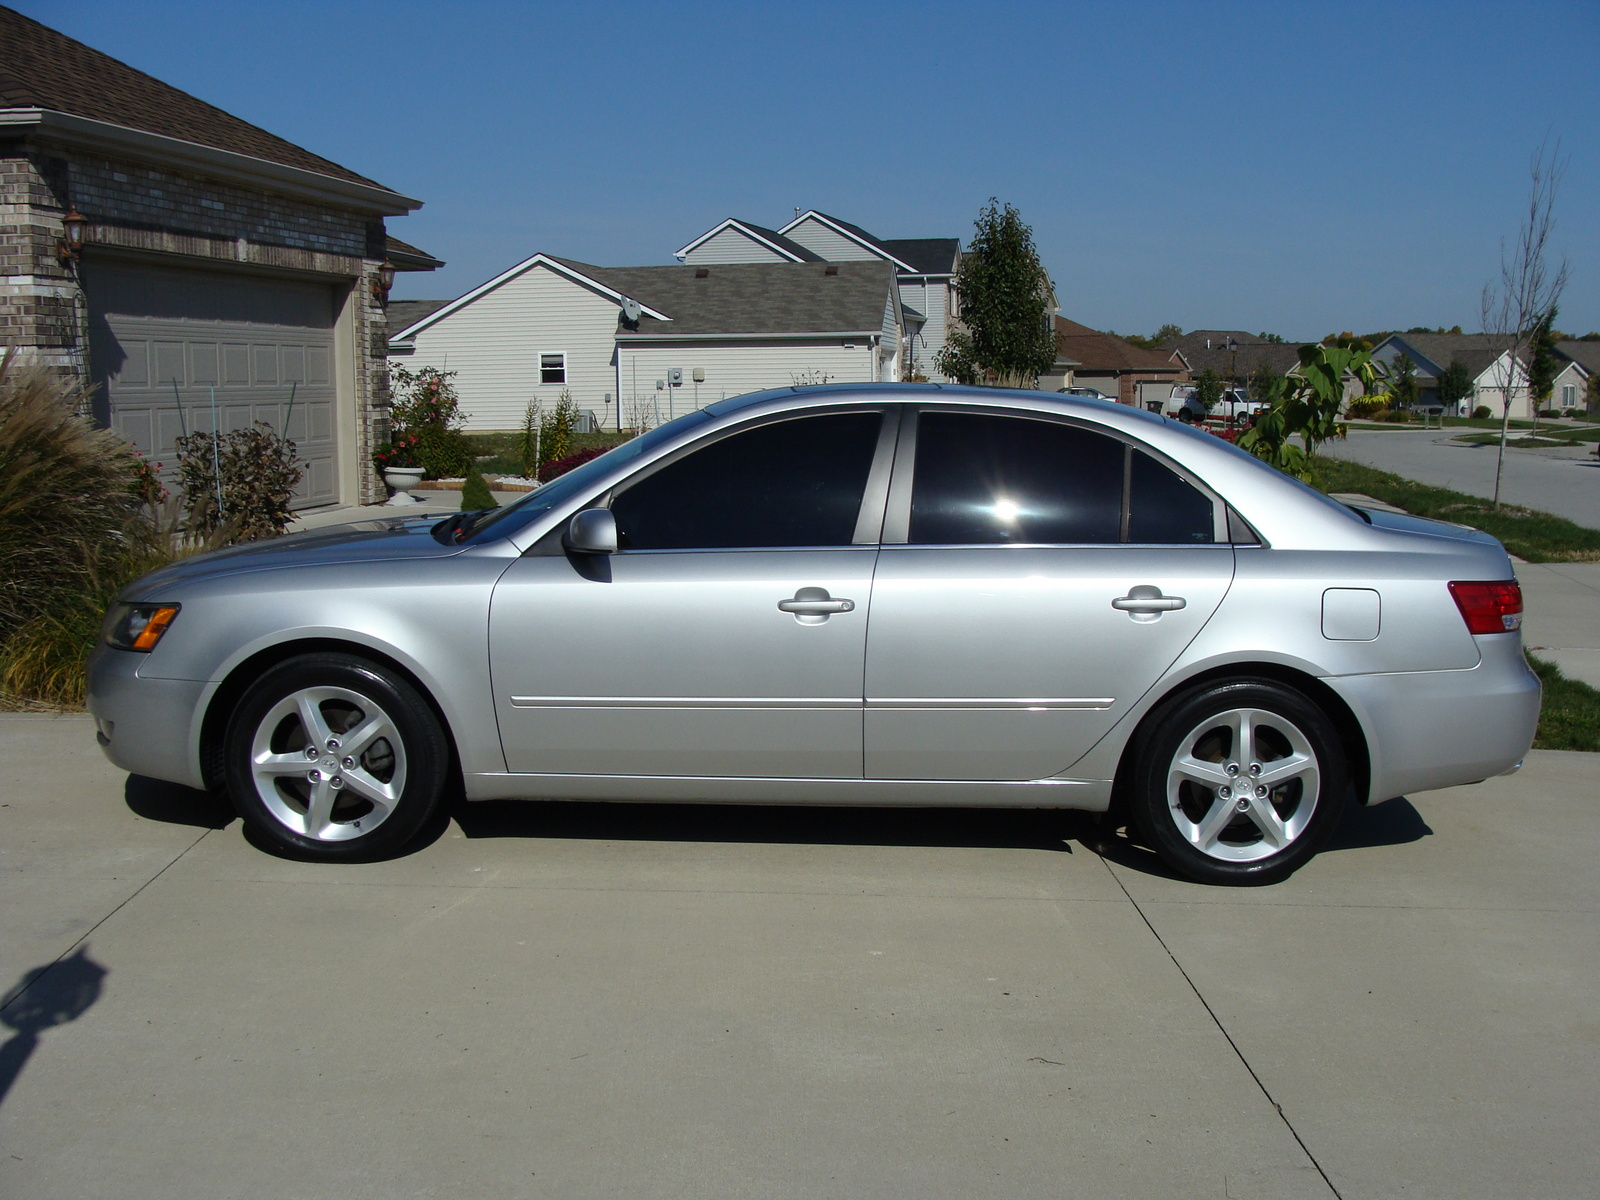 2007 Hyundai Sonata Exterior Pictures Cargurus